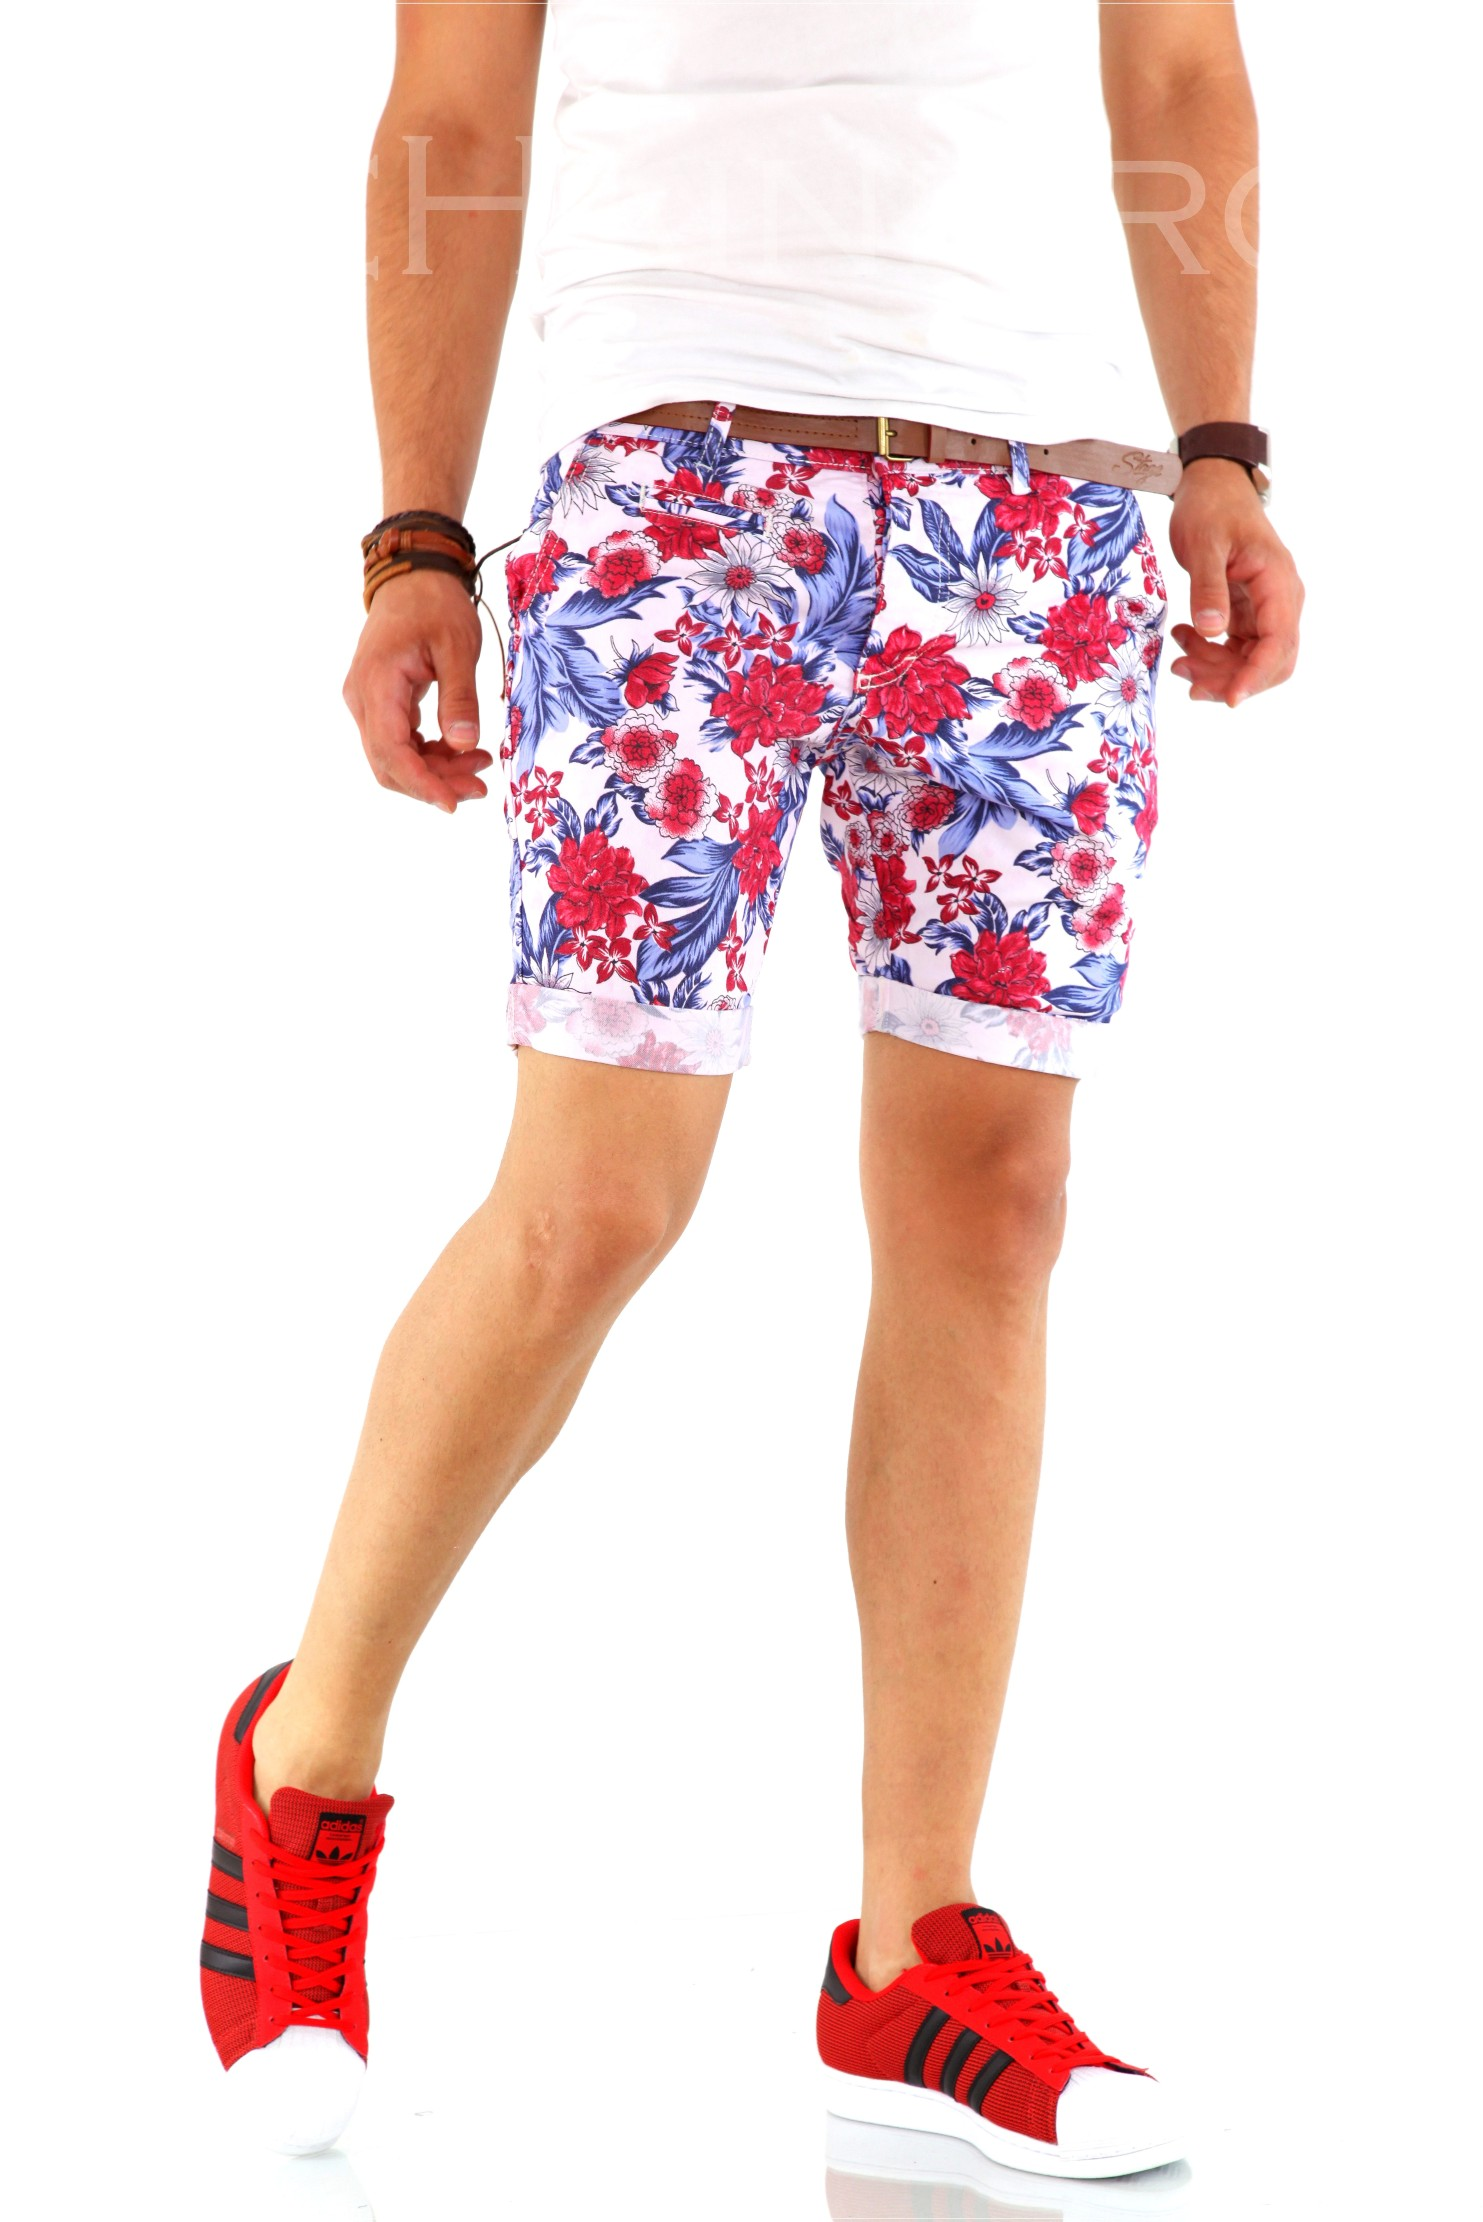 Pantaloni scurti + Cadou ZR 8566 X6-3